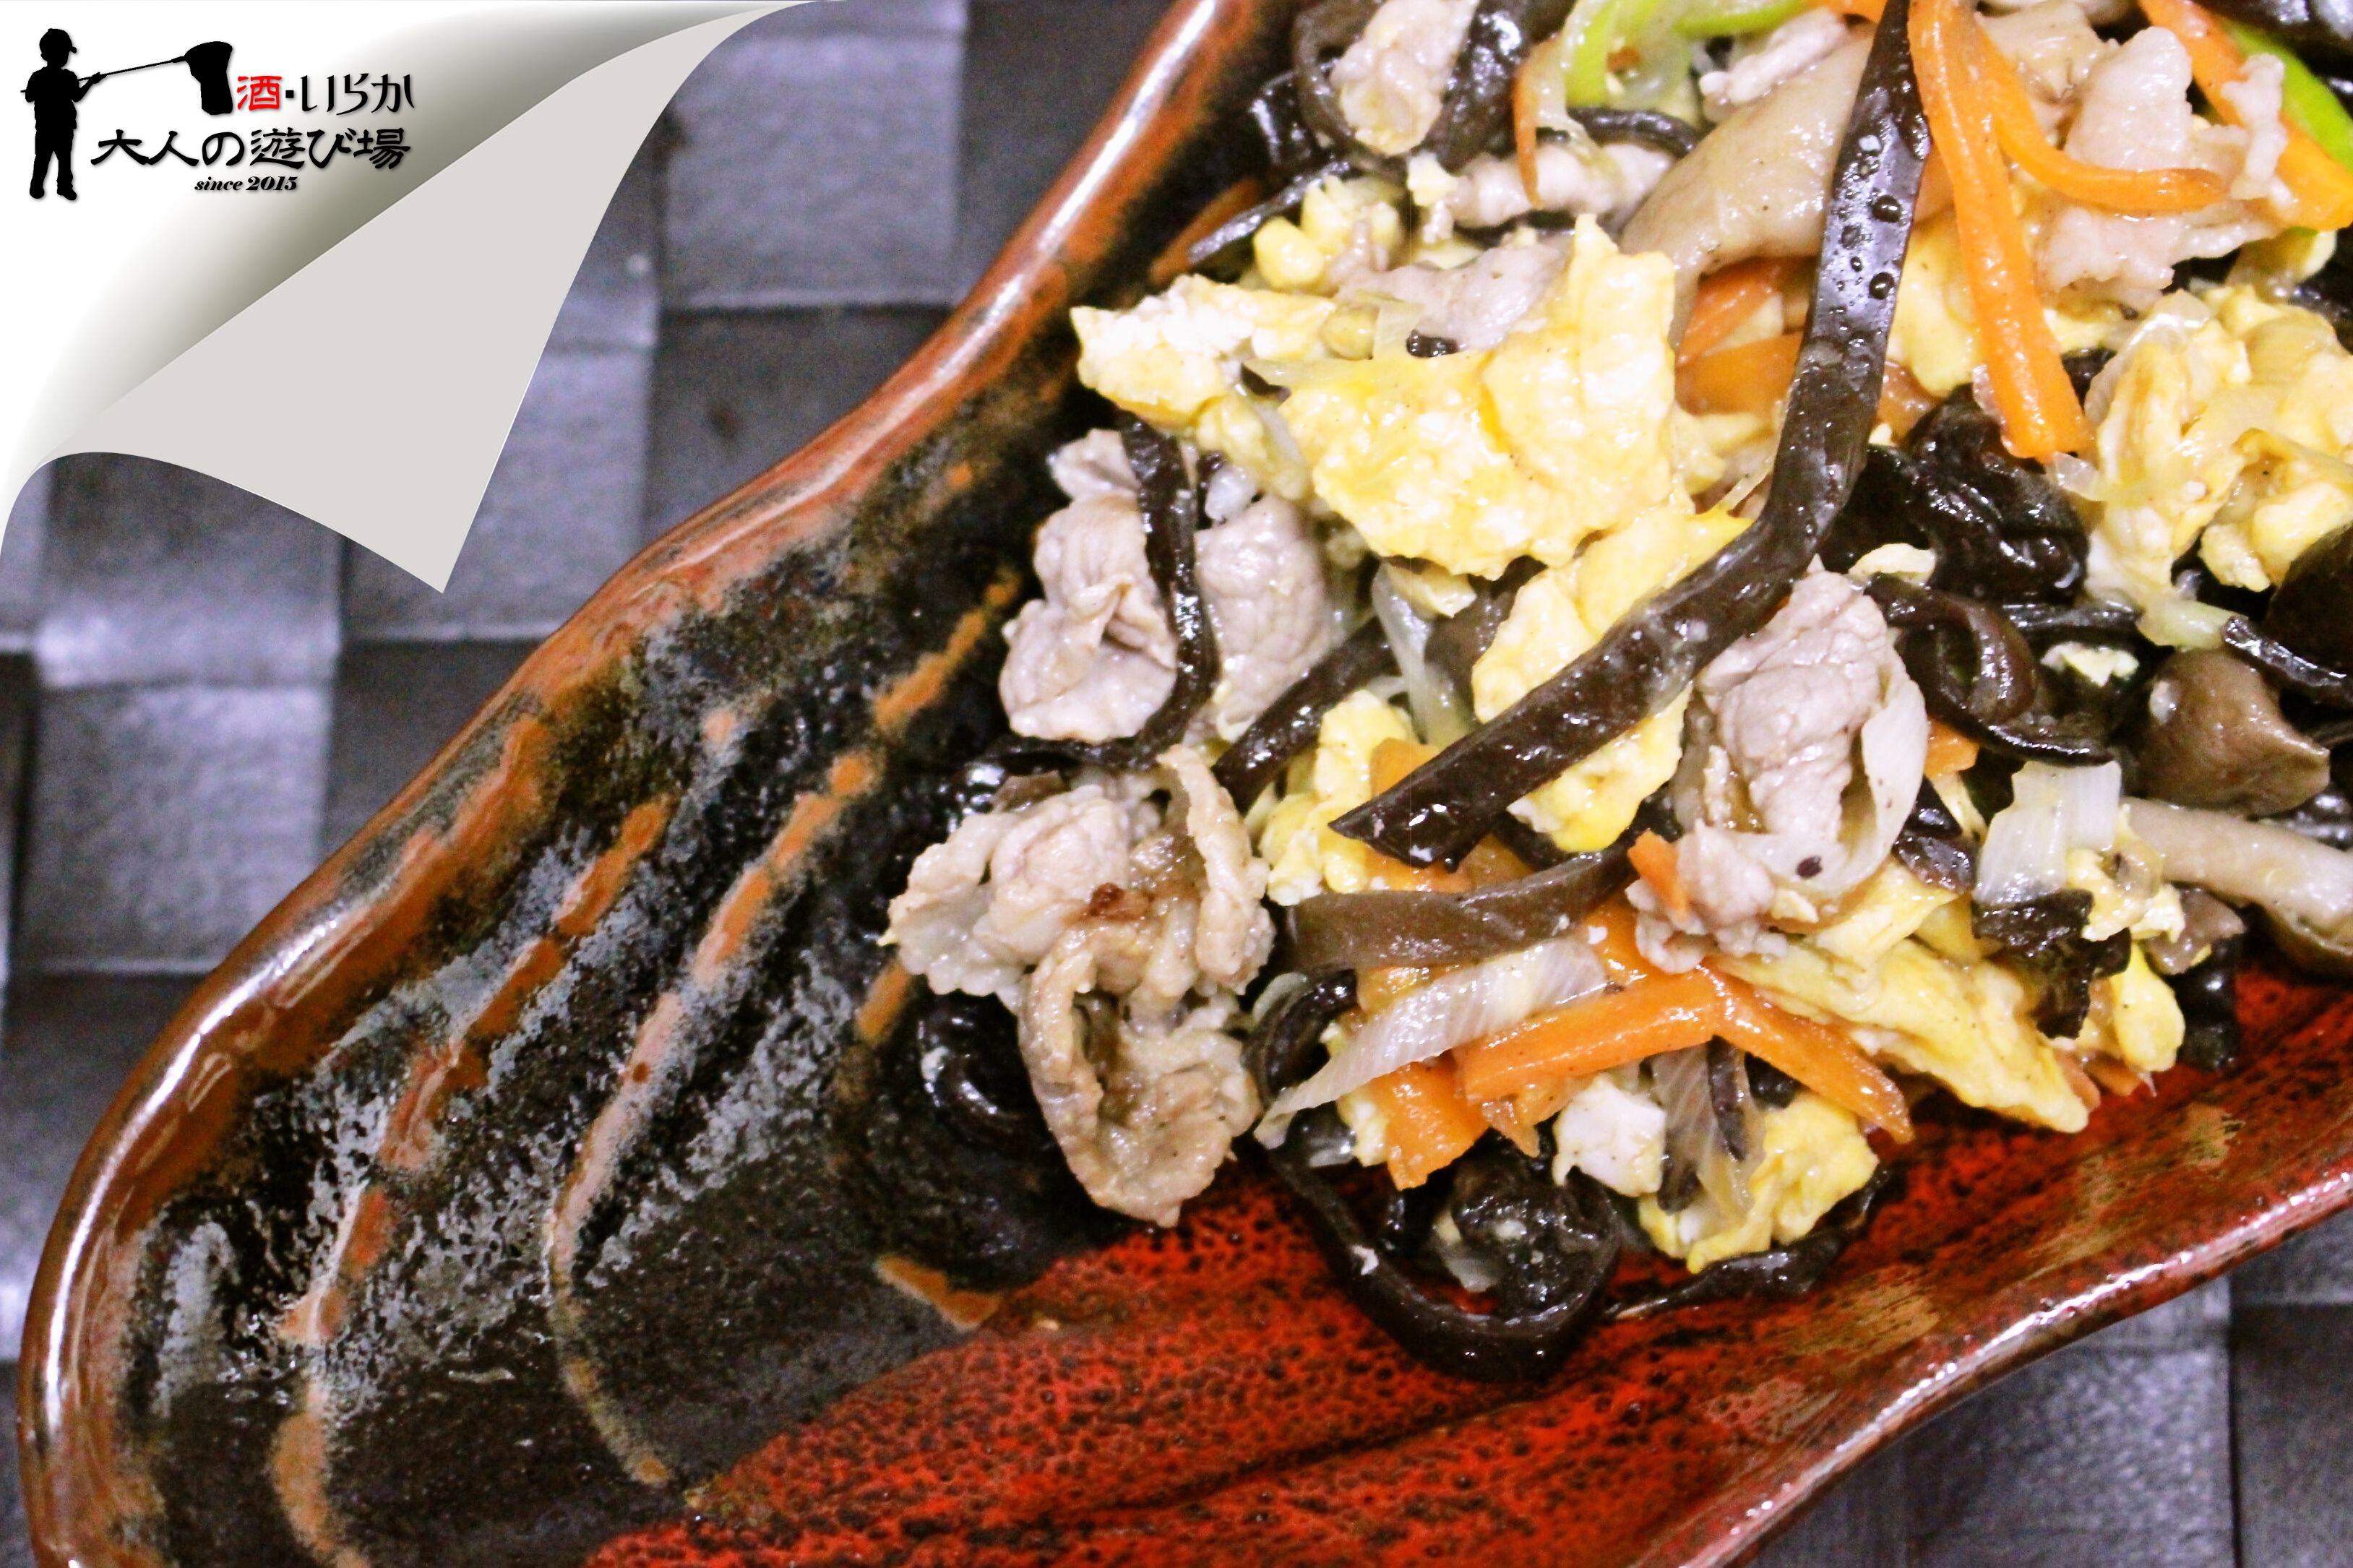 きくらげと豚の卵炒め(木須肉)01